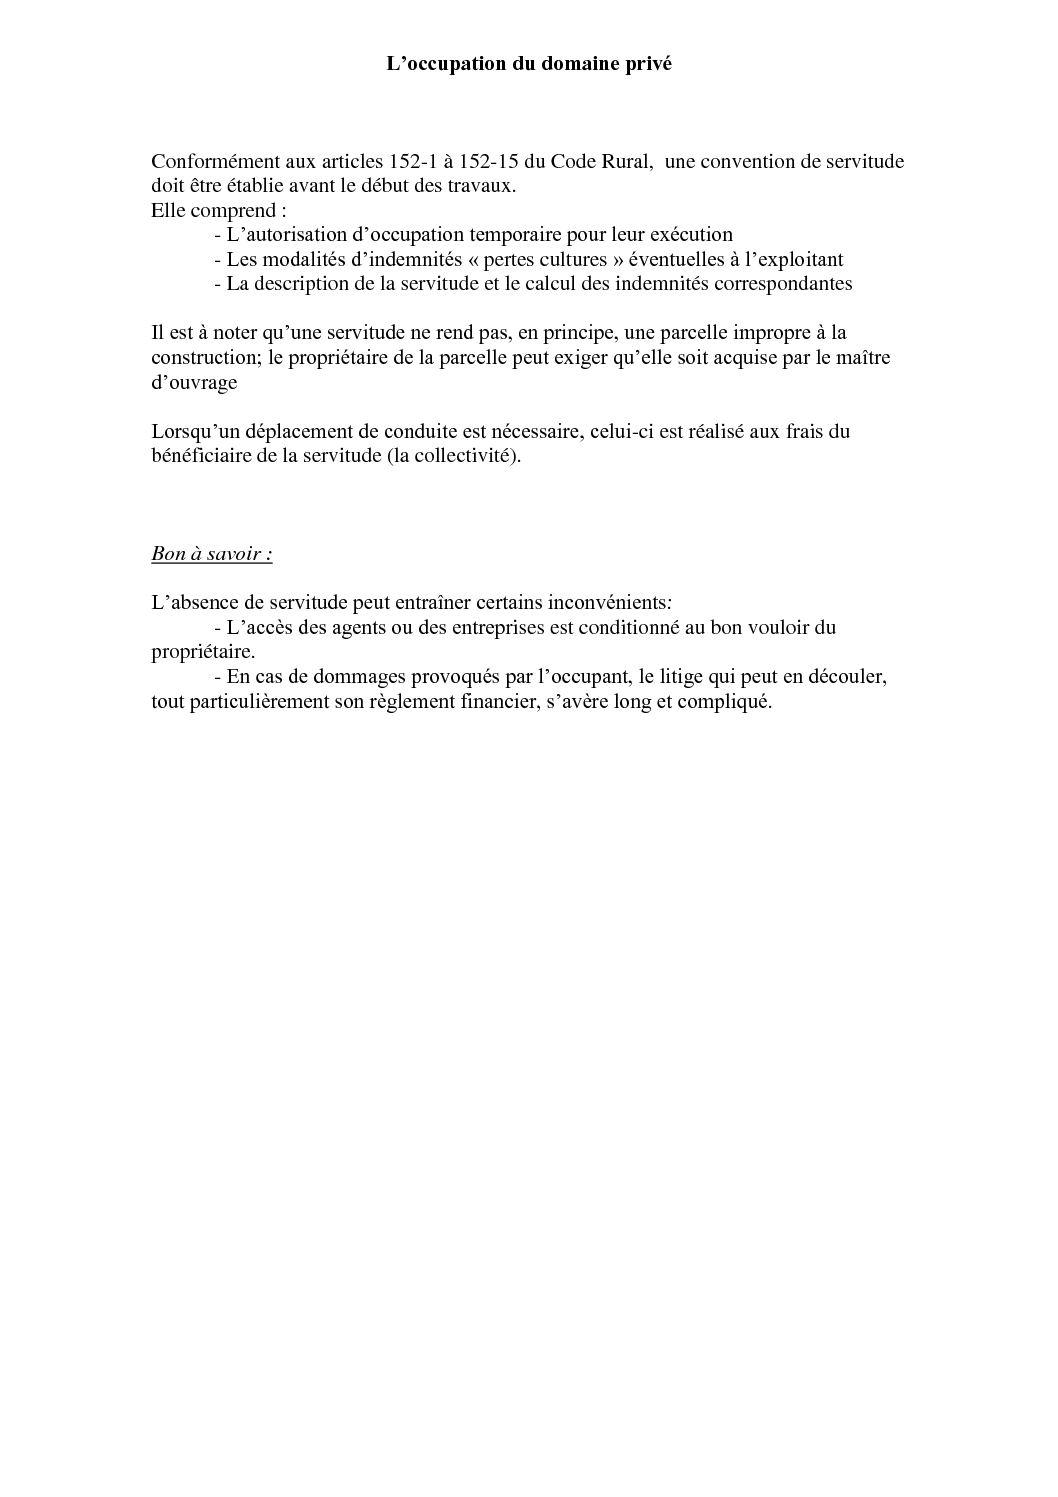 Le Deplacement Avant Est Acquis Boneandvascularresearch